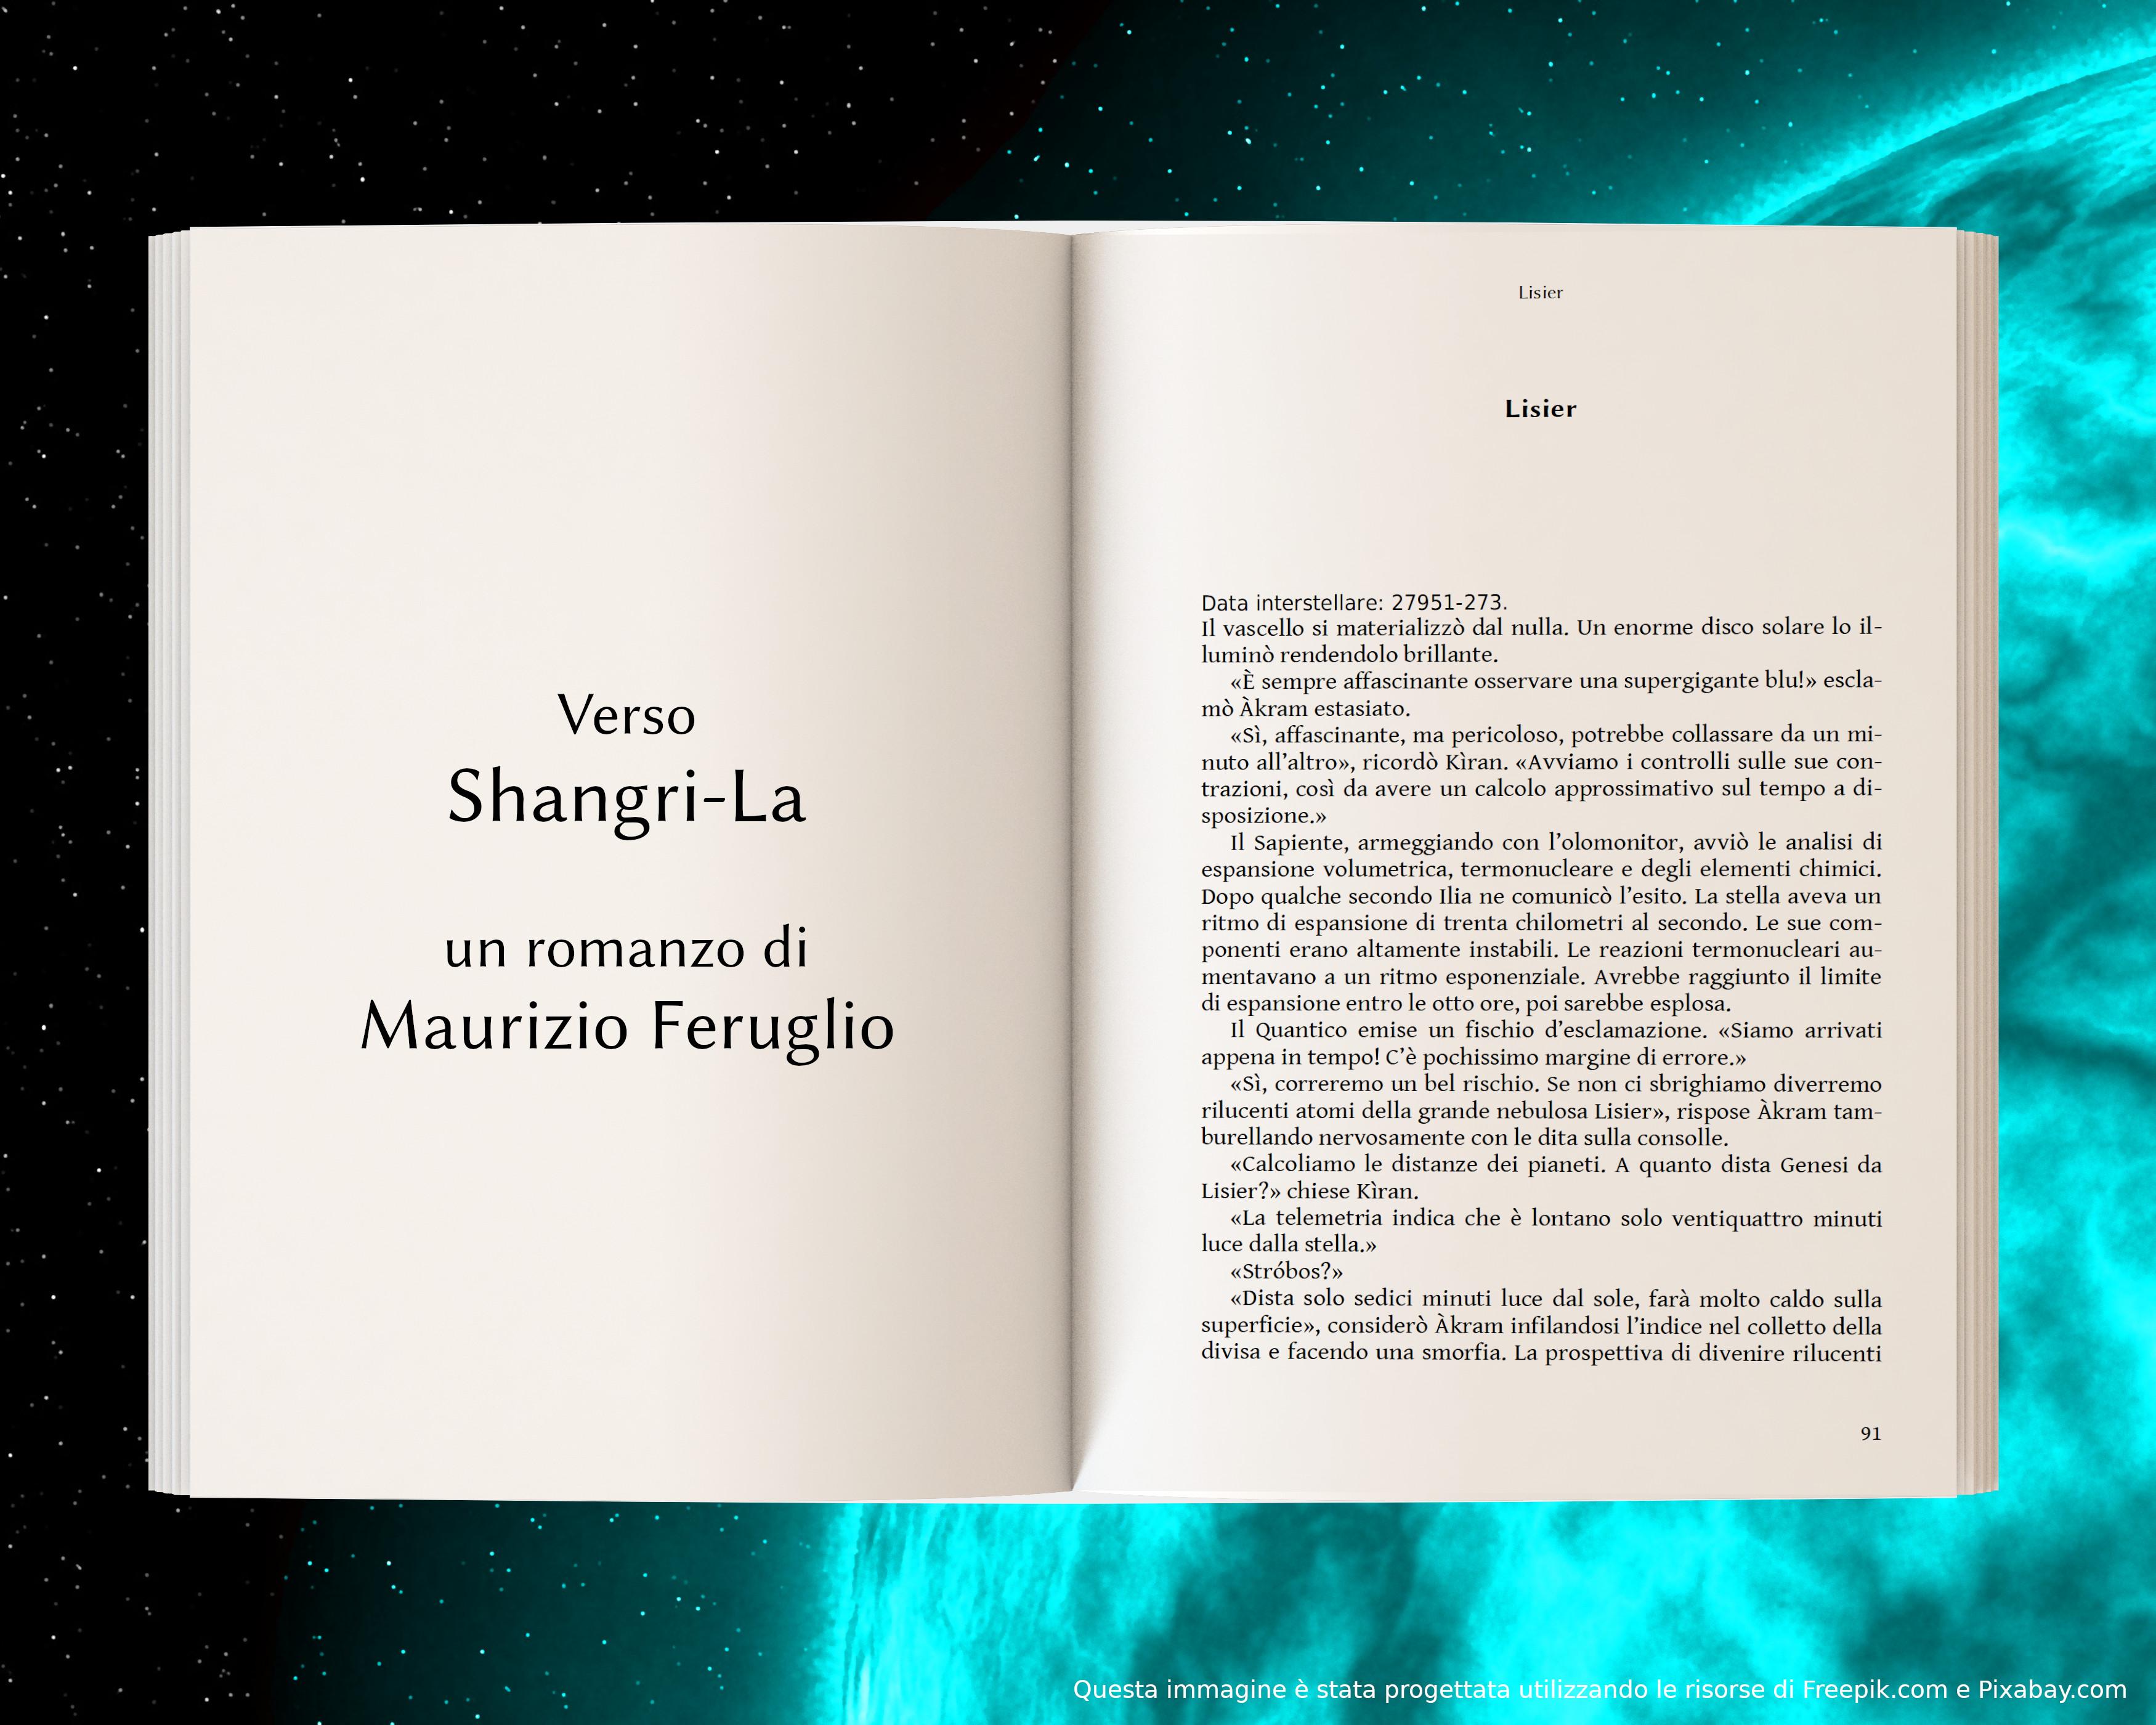 Lisier, parte prima - anteprima di Verso Shangri-La di Maurizio Feruglio